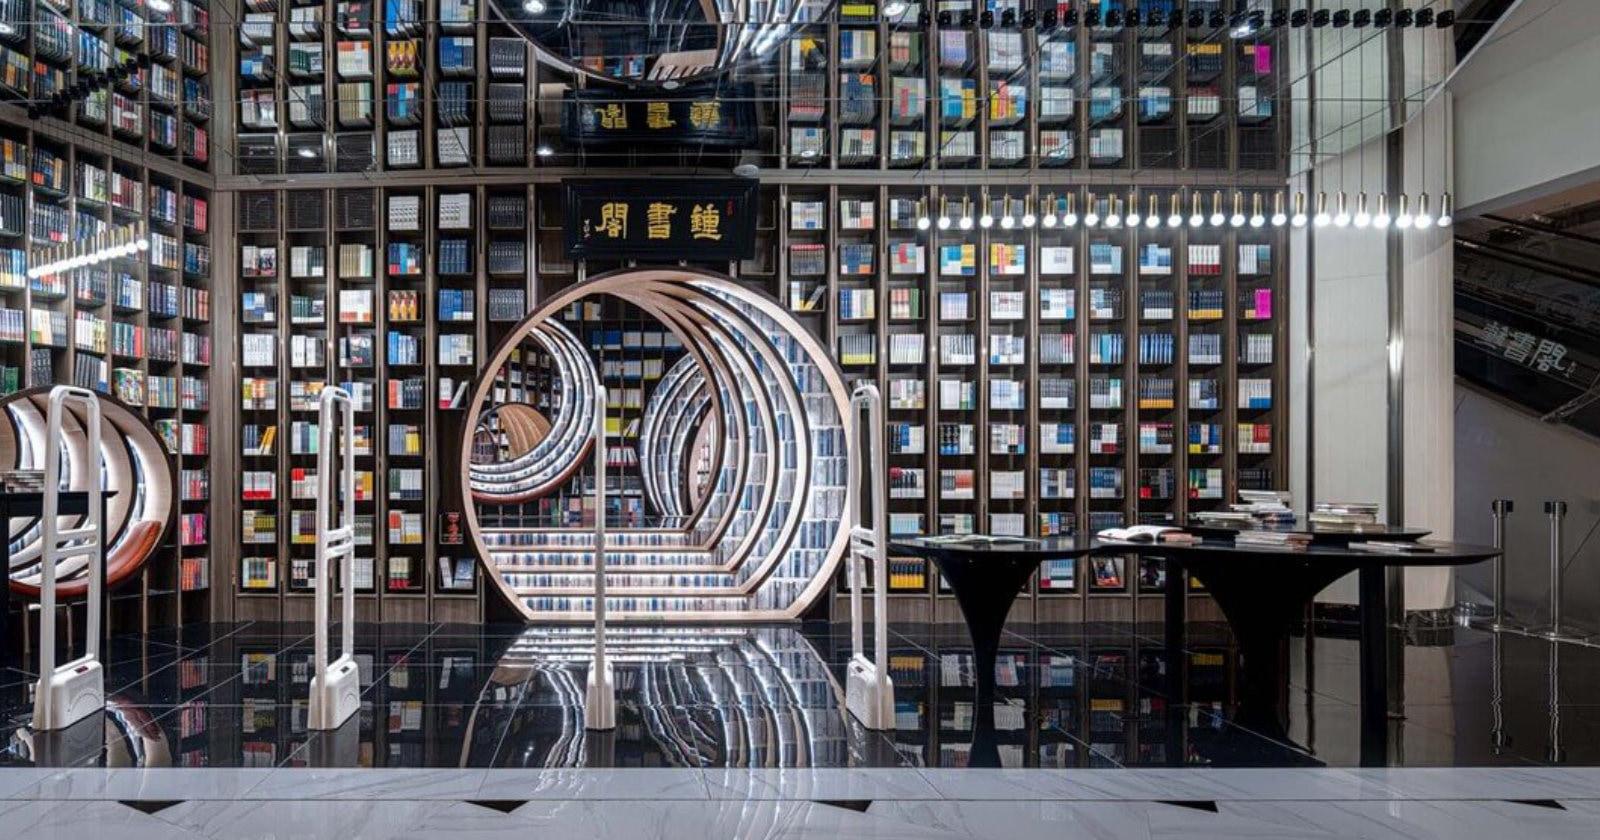 Beijing bookstore classic Chinese garden